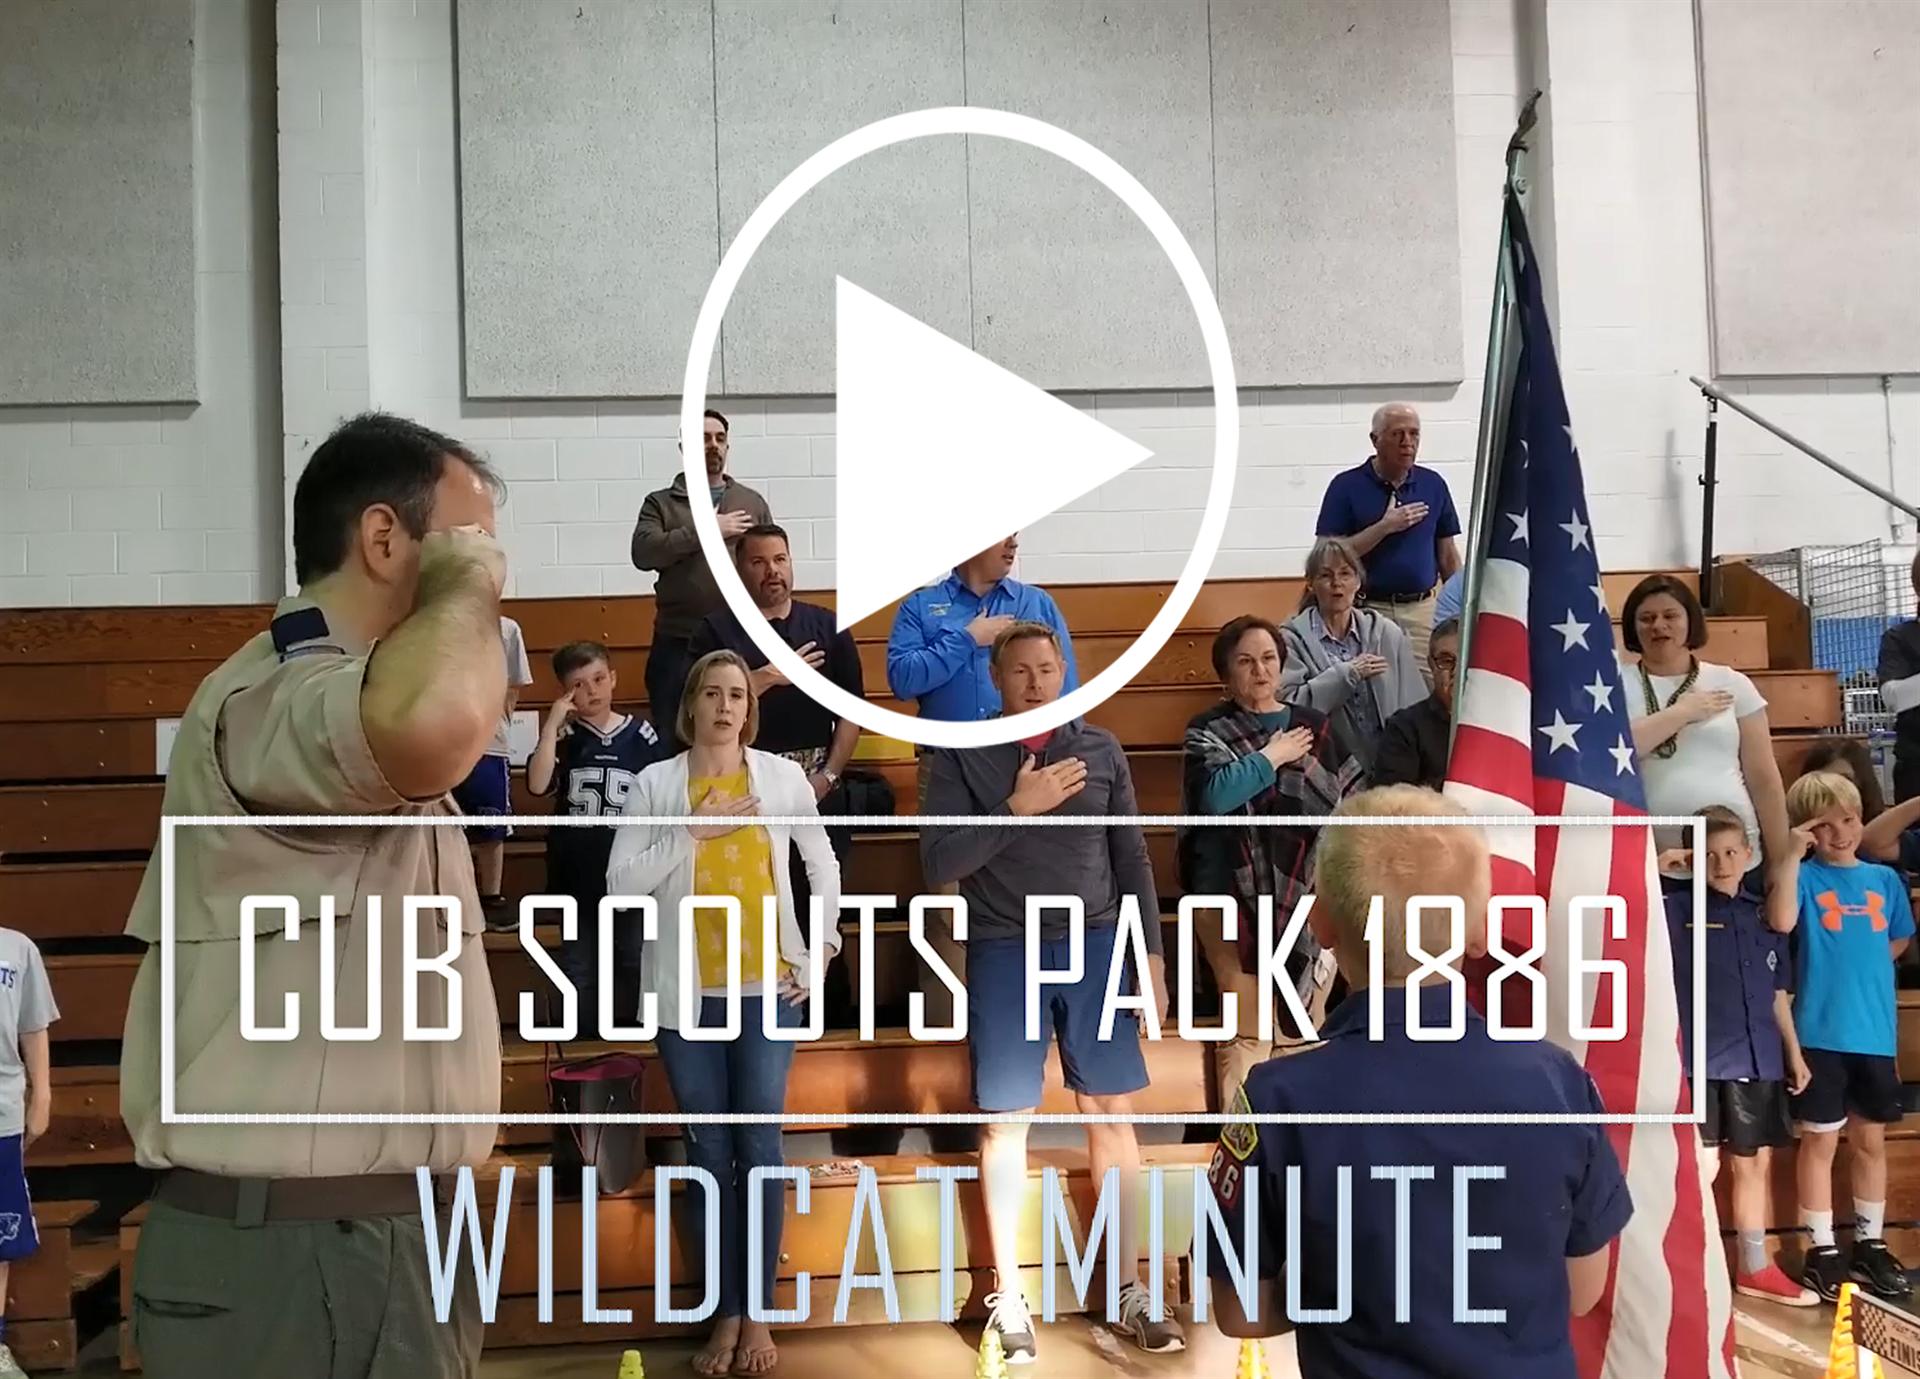 Wildcat Minute